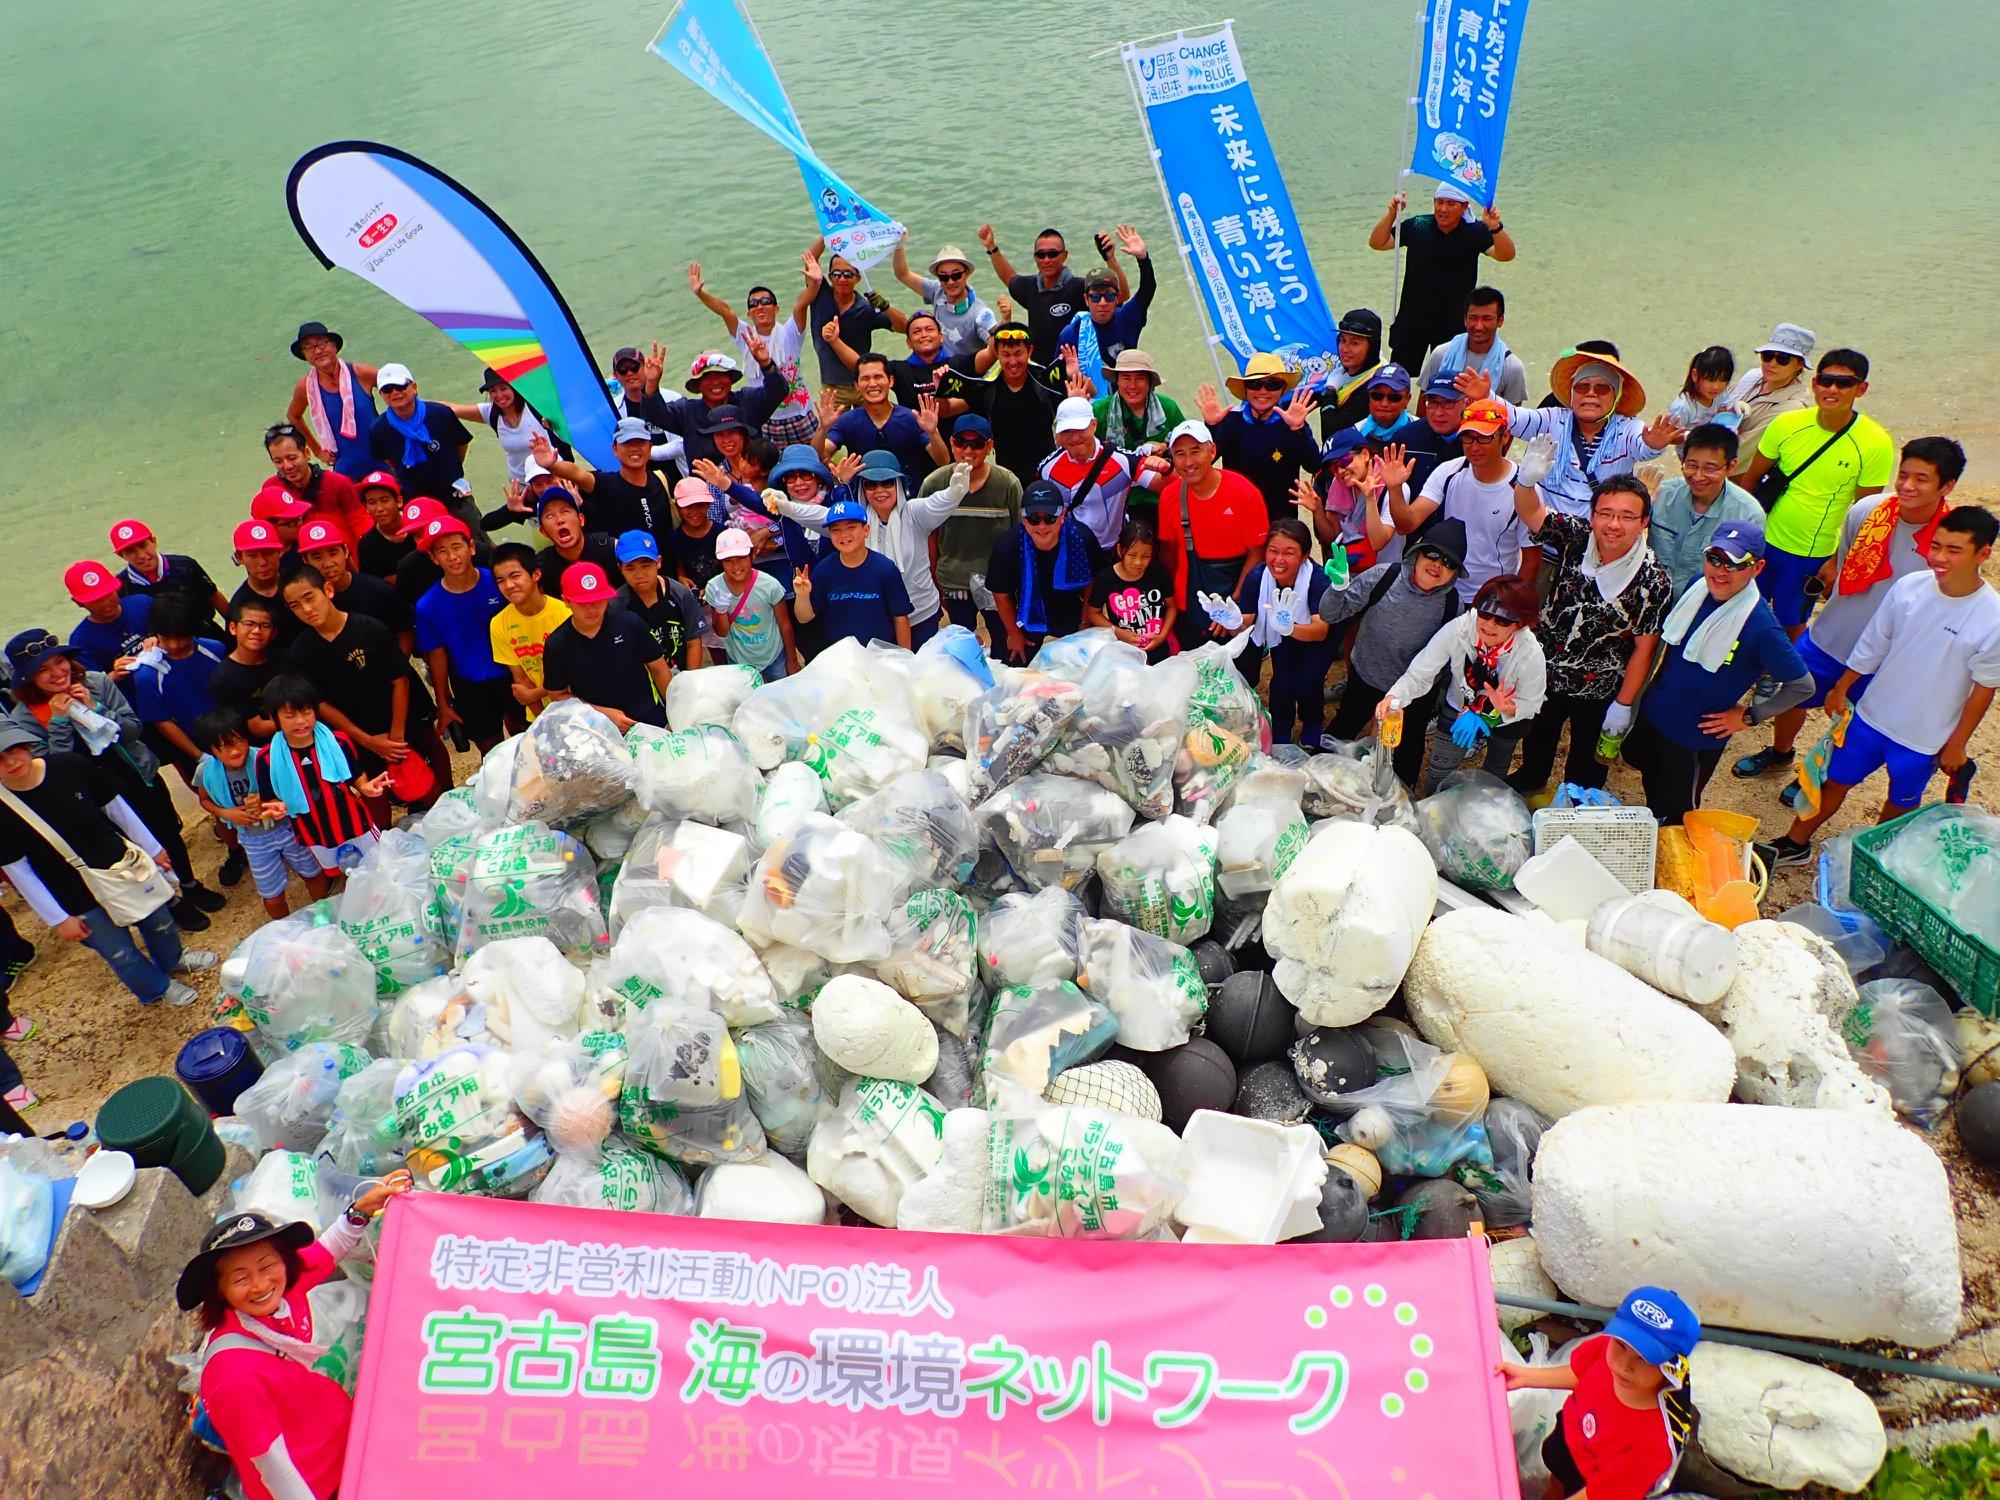 アイキャッチ:宮古島が誇る美しい海を未来に残したい。特定非営利活動法人・宮 …